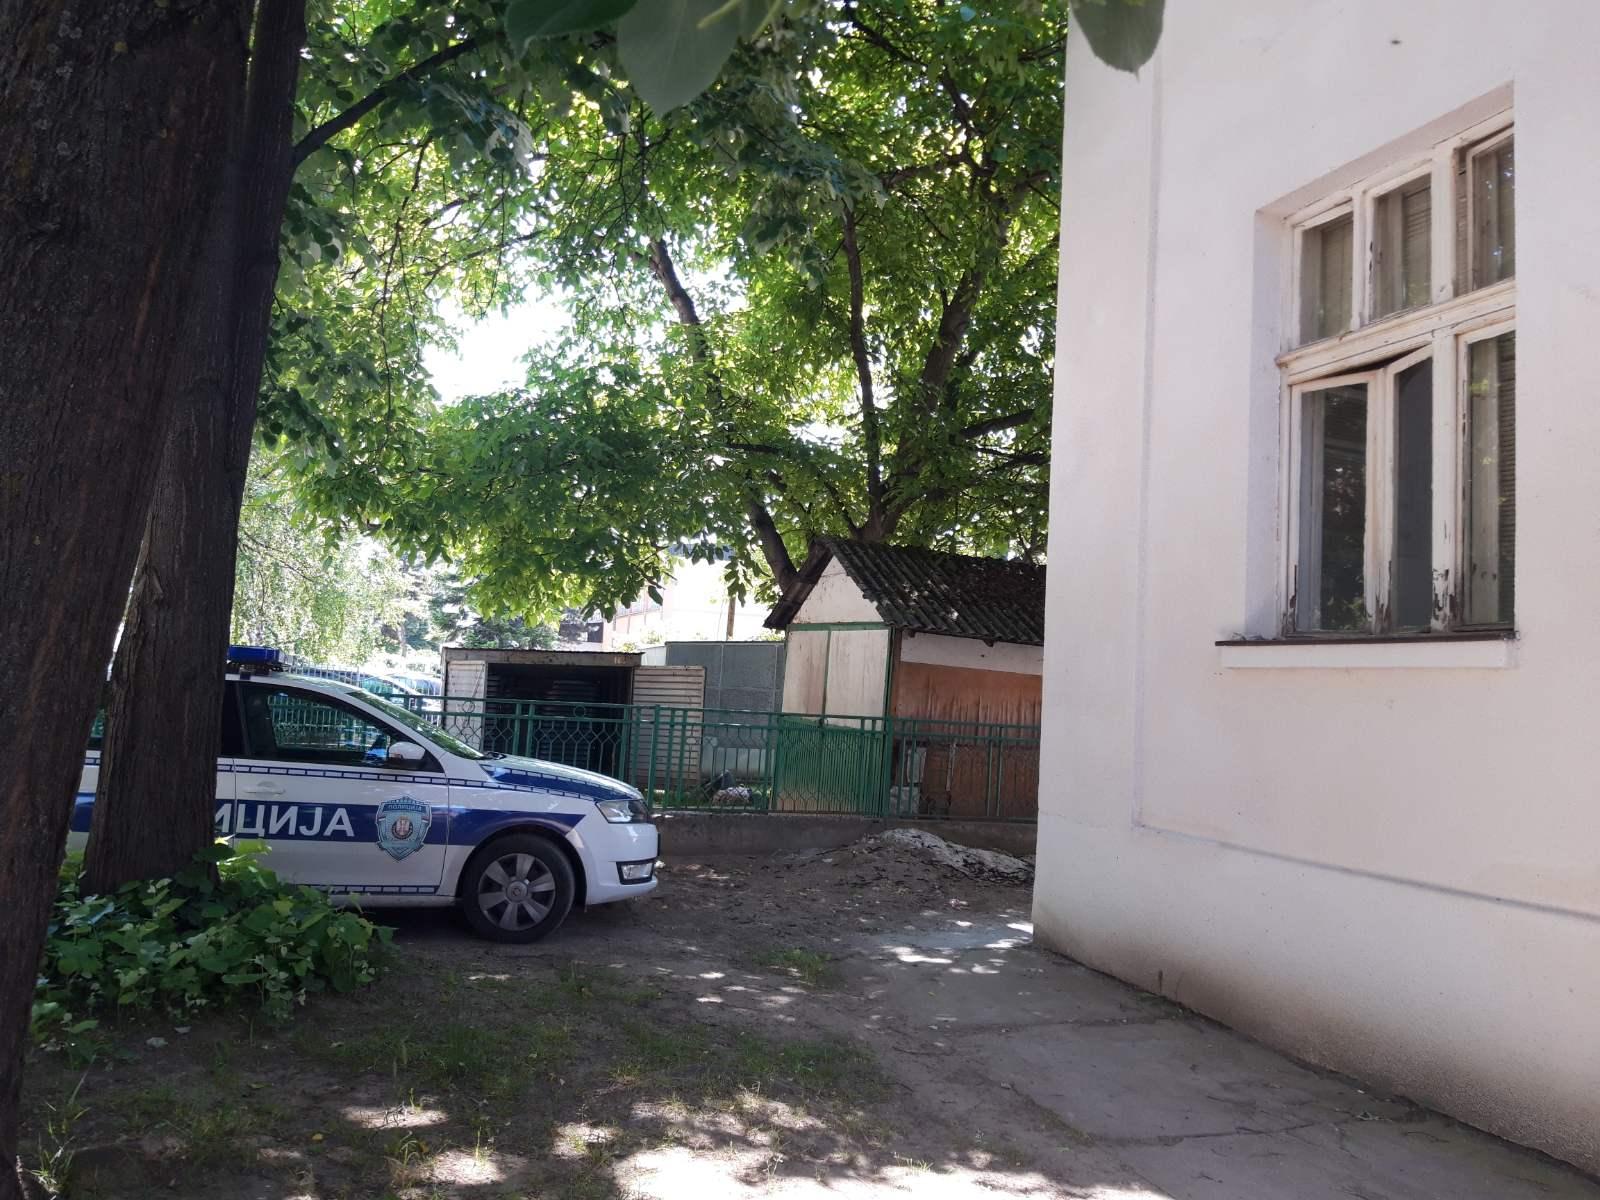 Policija ponovo u čačanskom Crvenom krstu, prekinuta sinoćna sednica UO